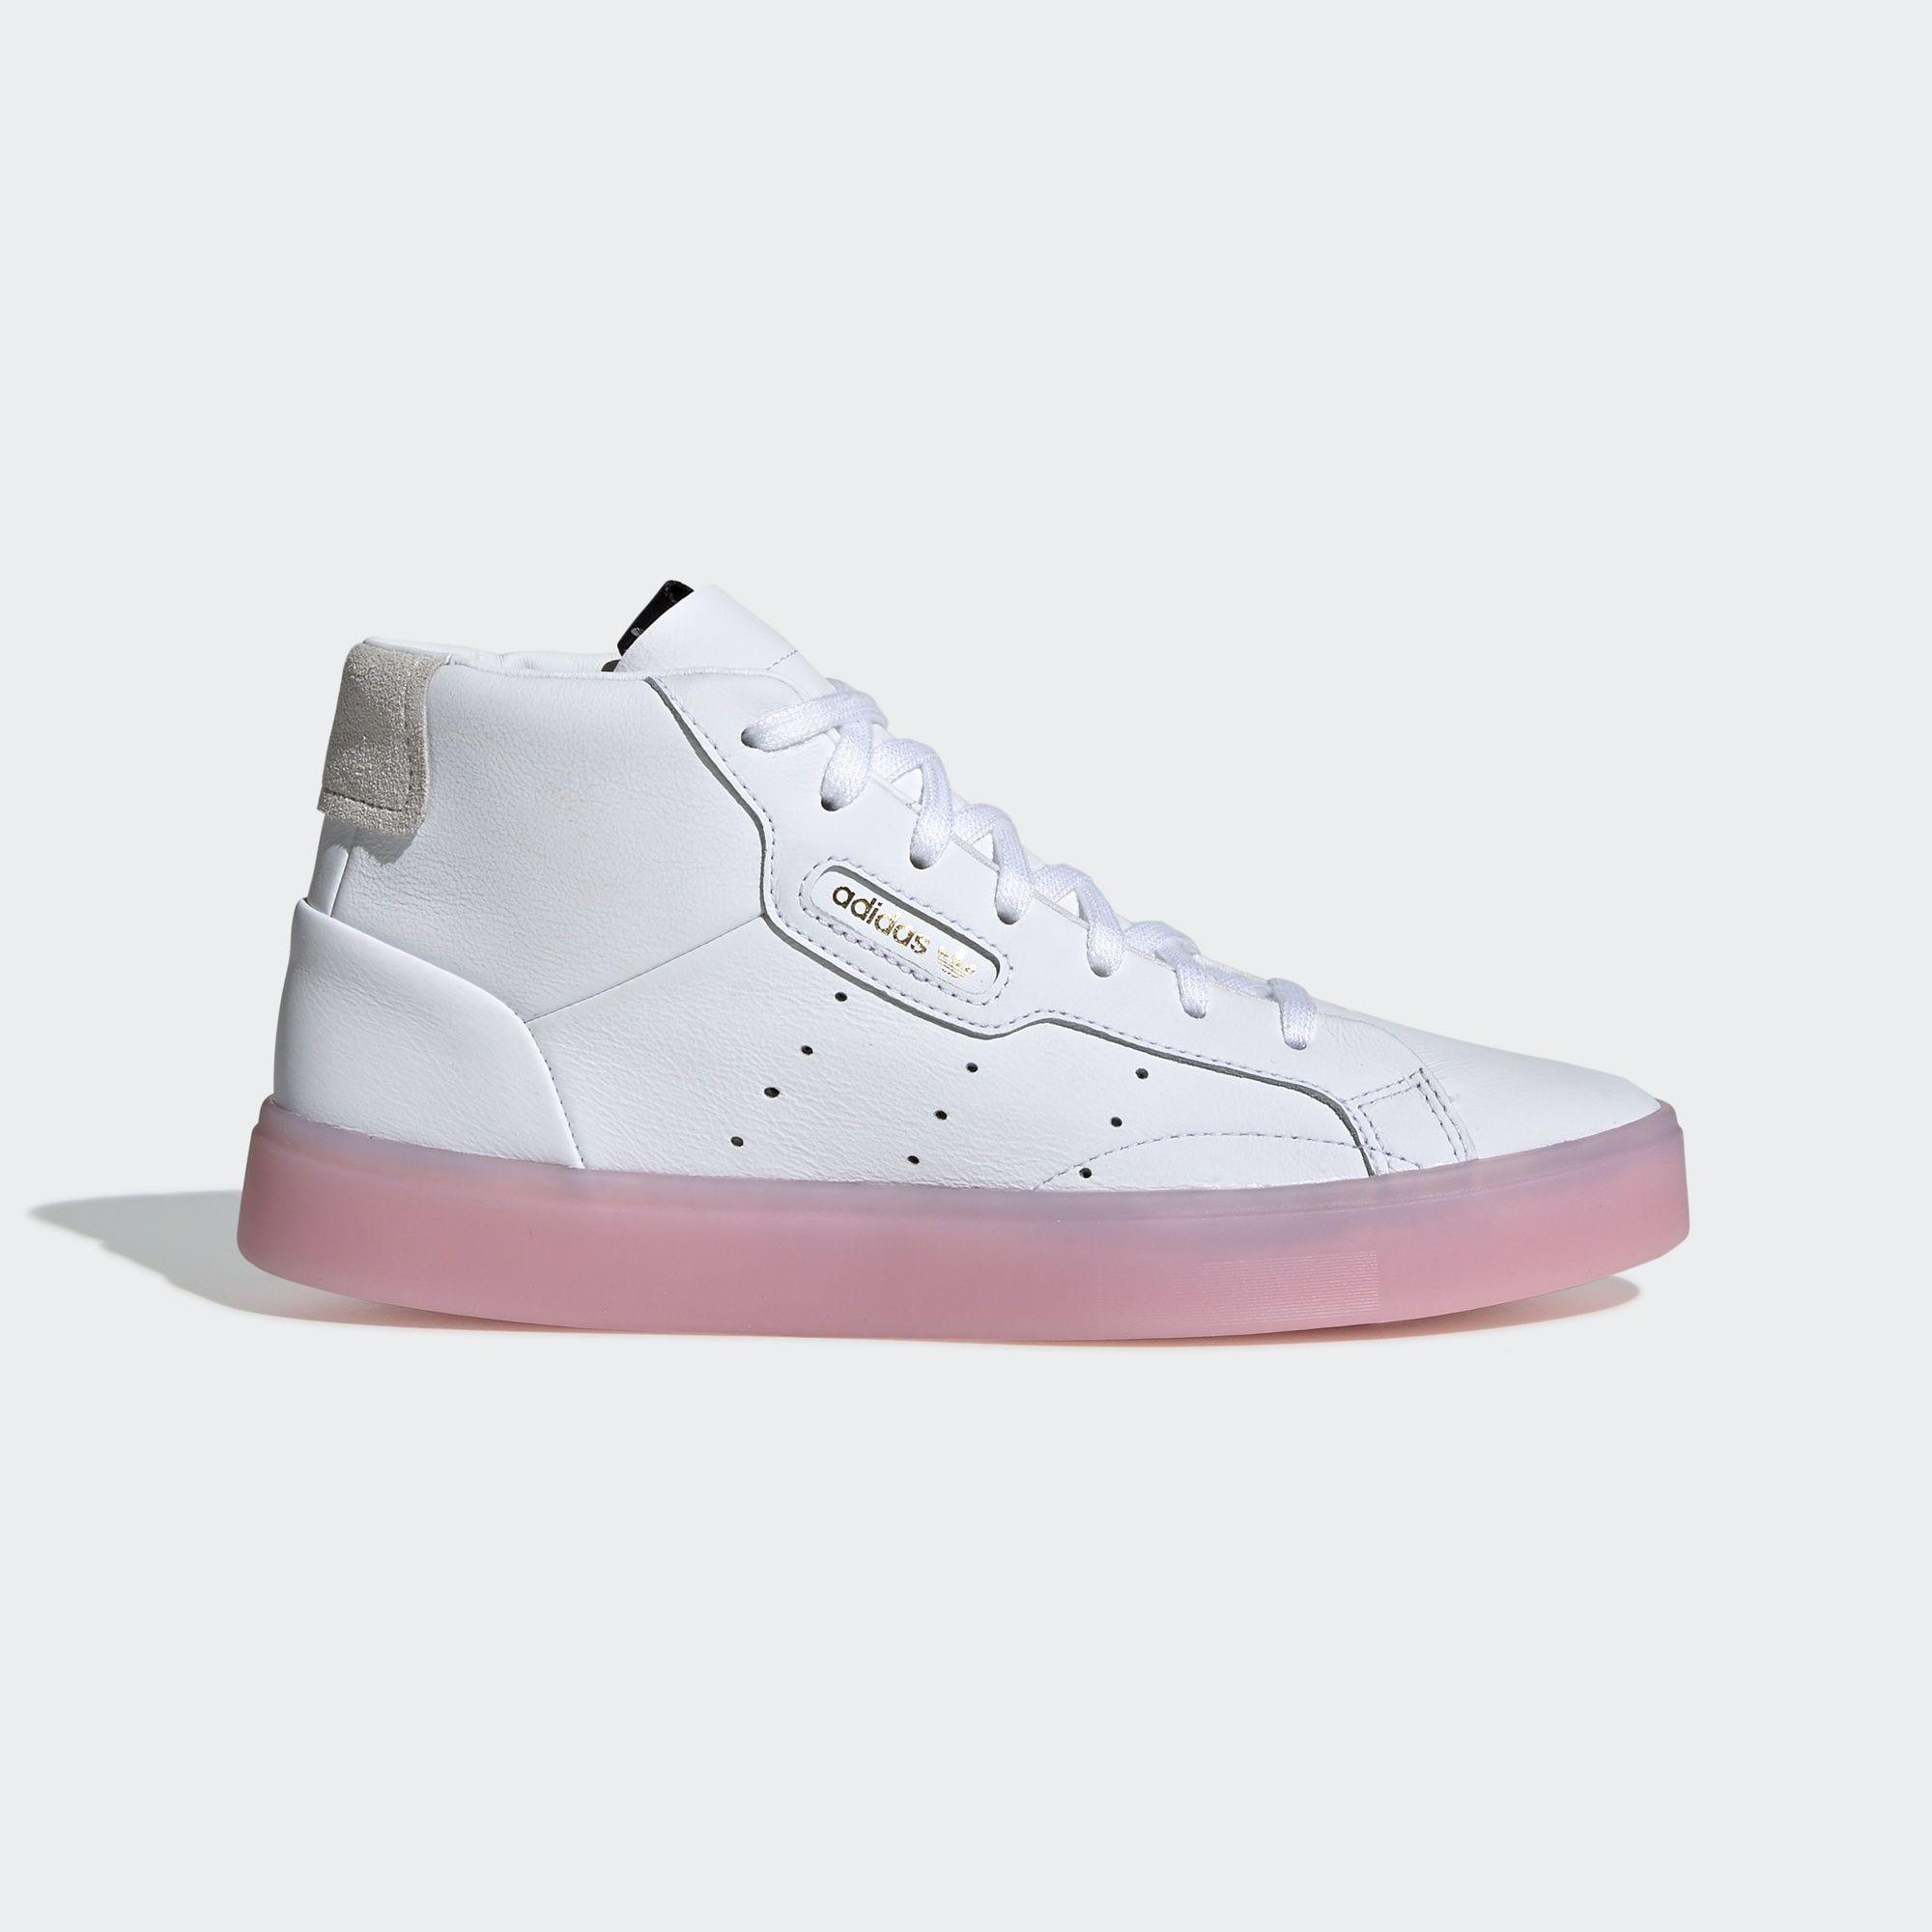 ADIDAS ORIGINALS Sneaker Damen, Beige / Weiß, Größe 37/37.5 – Products